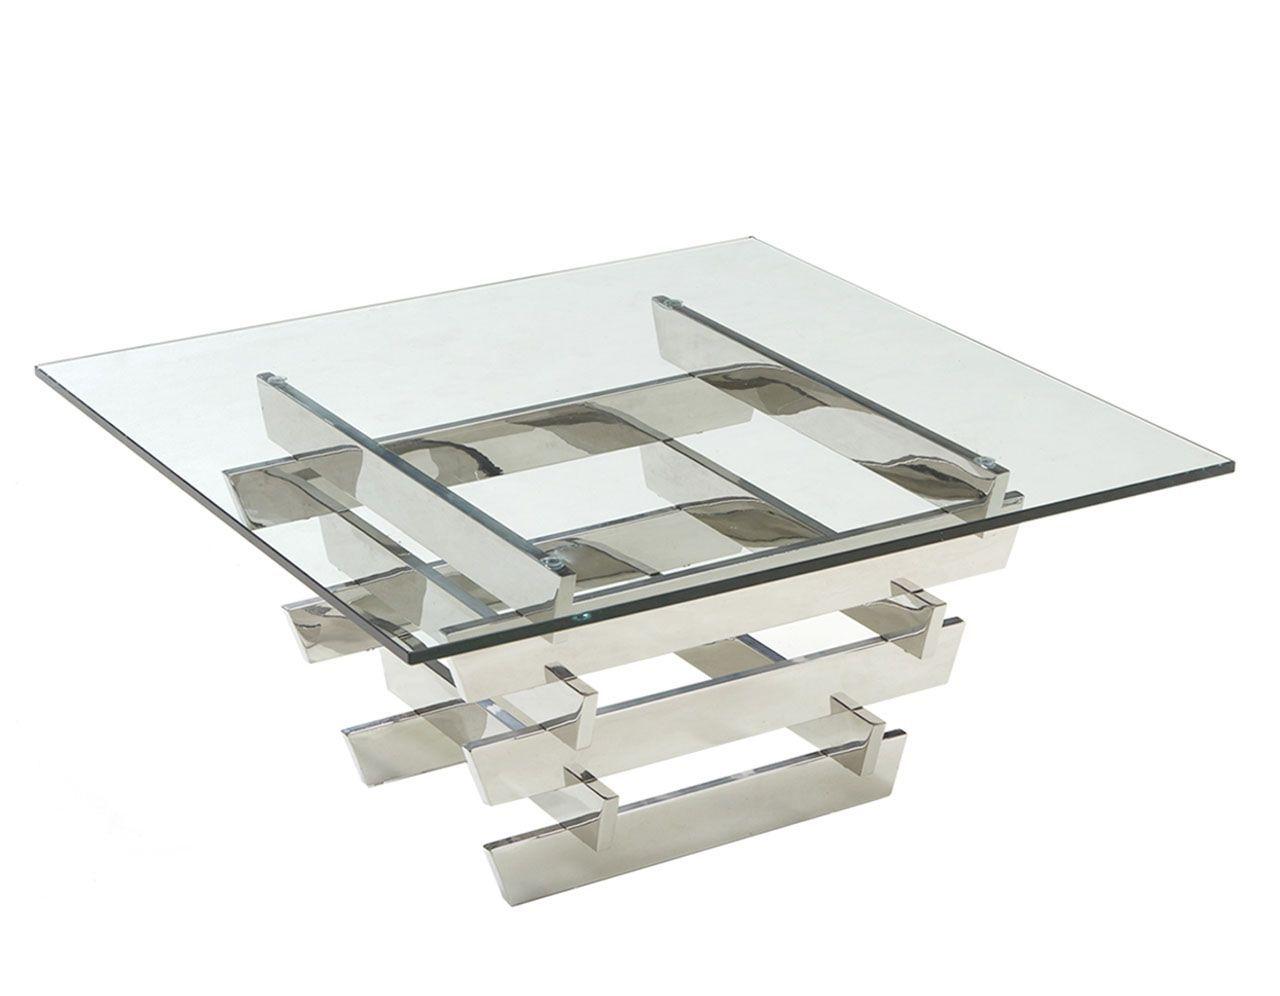 table basse inox et verre trempe carre quadrillage 80x80